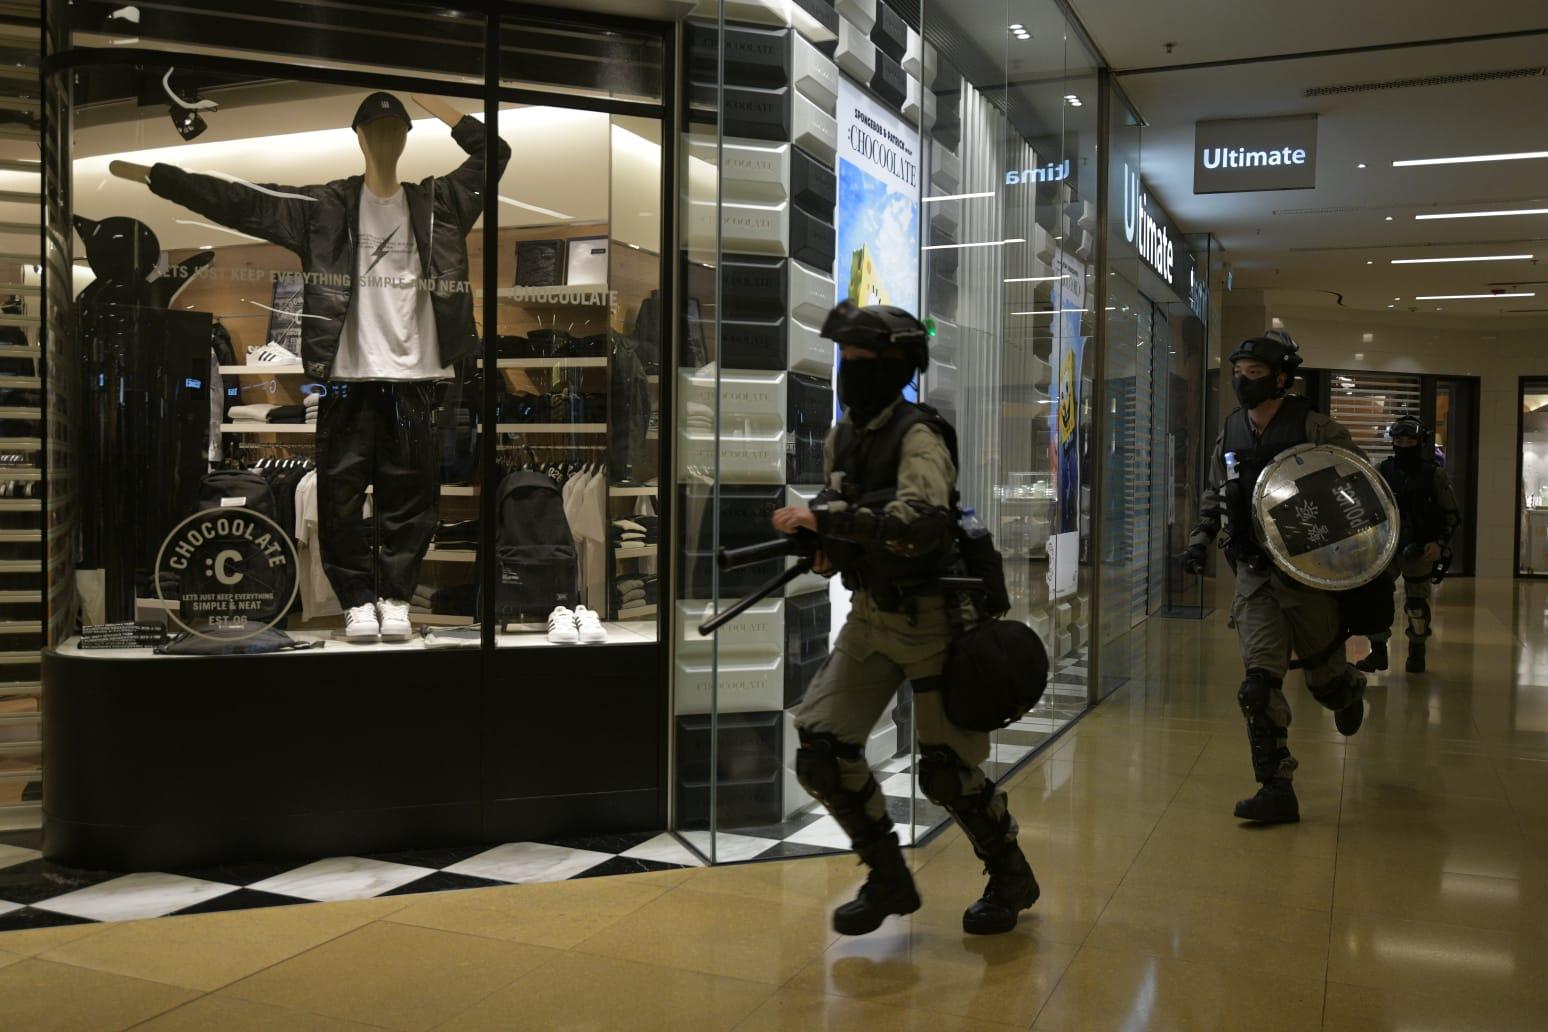 【修例风波】太古城中心因安全理由关闭 商场称无报警